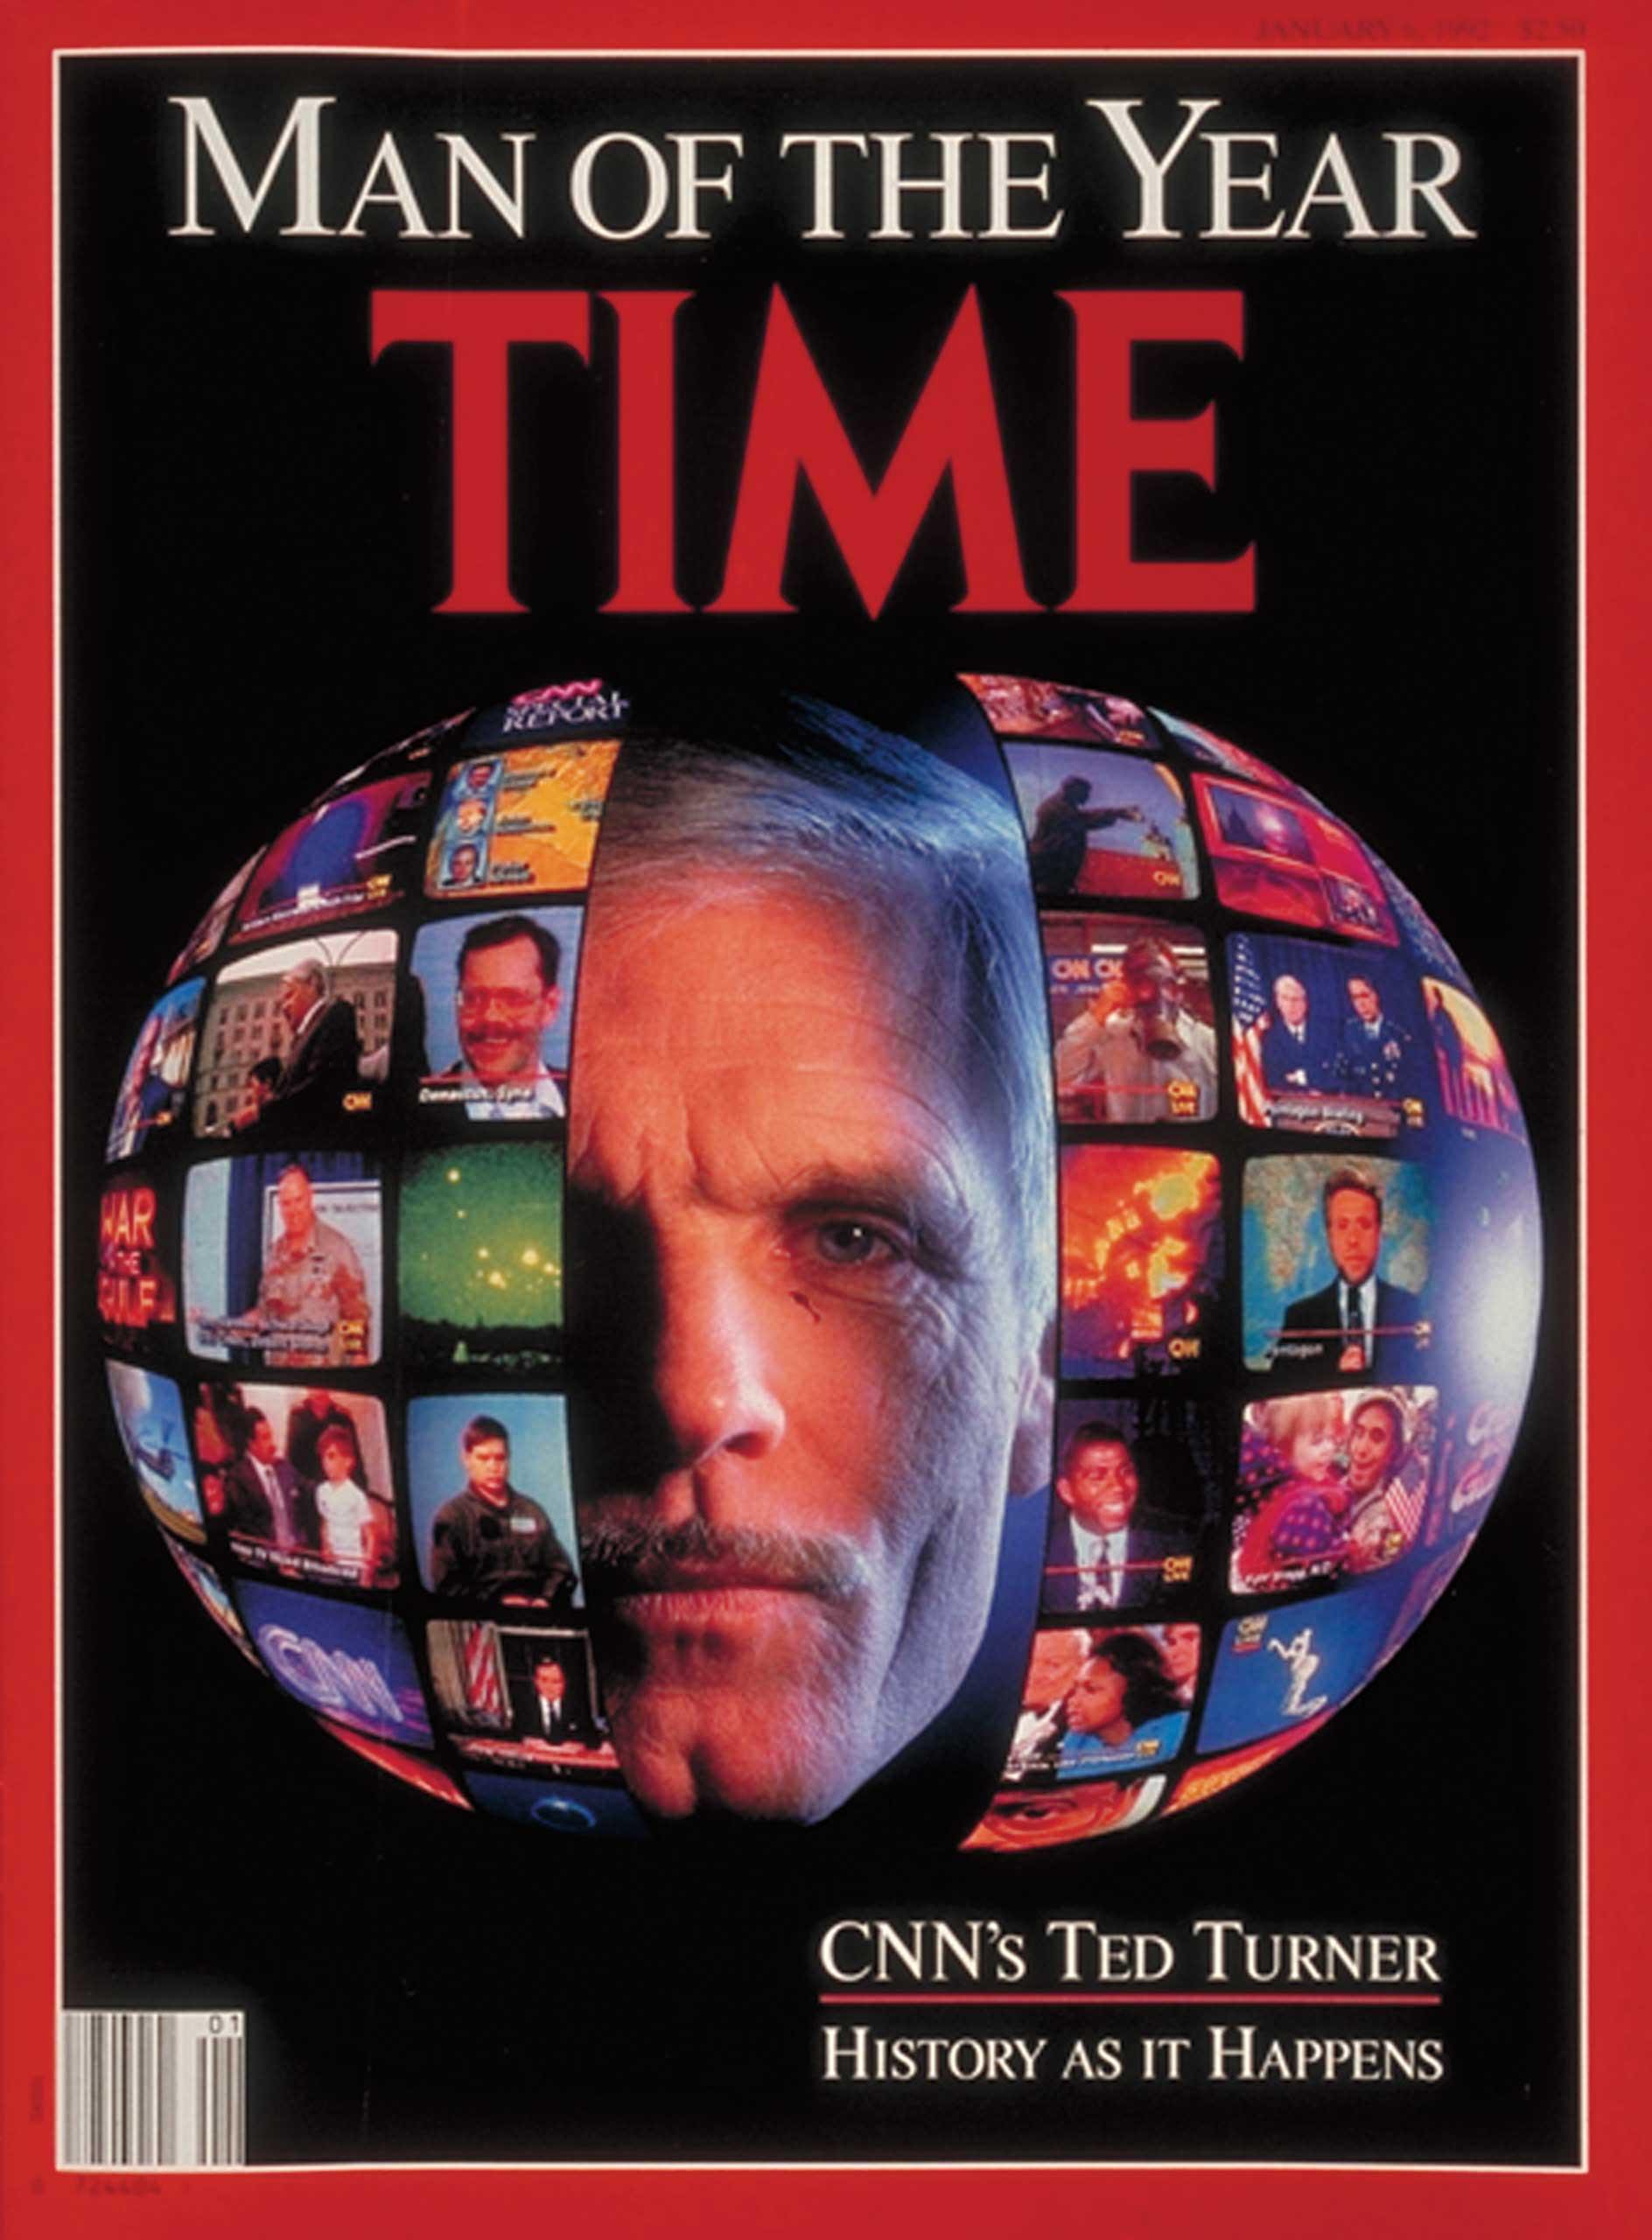 1991: Ted Turner